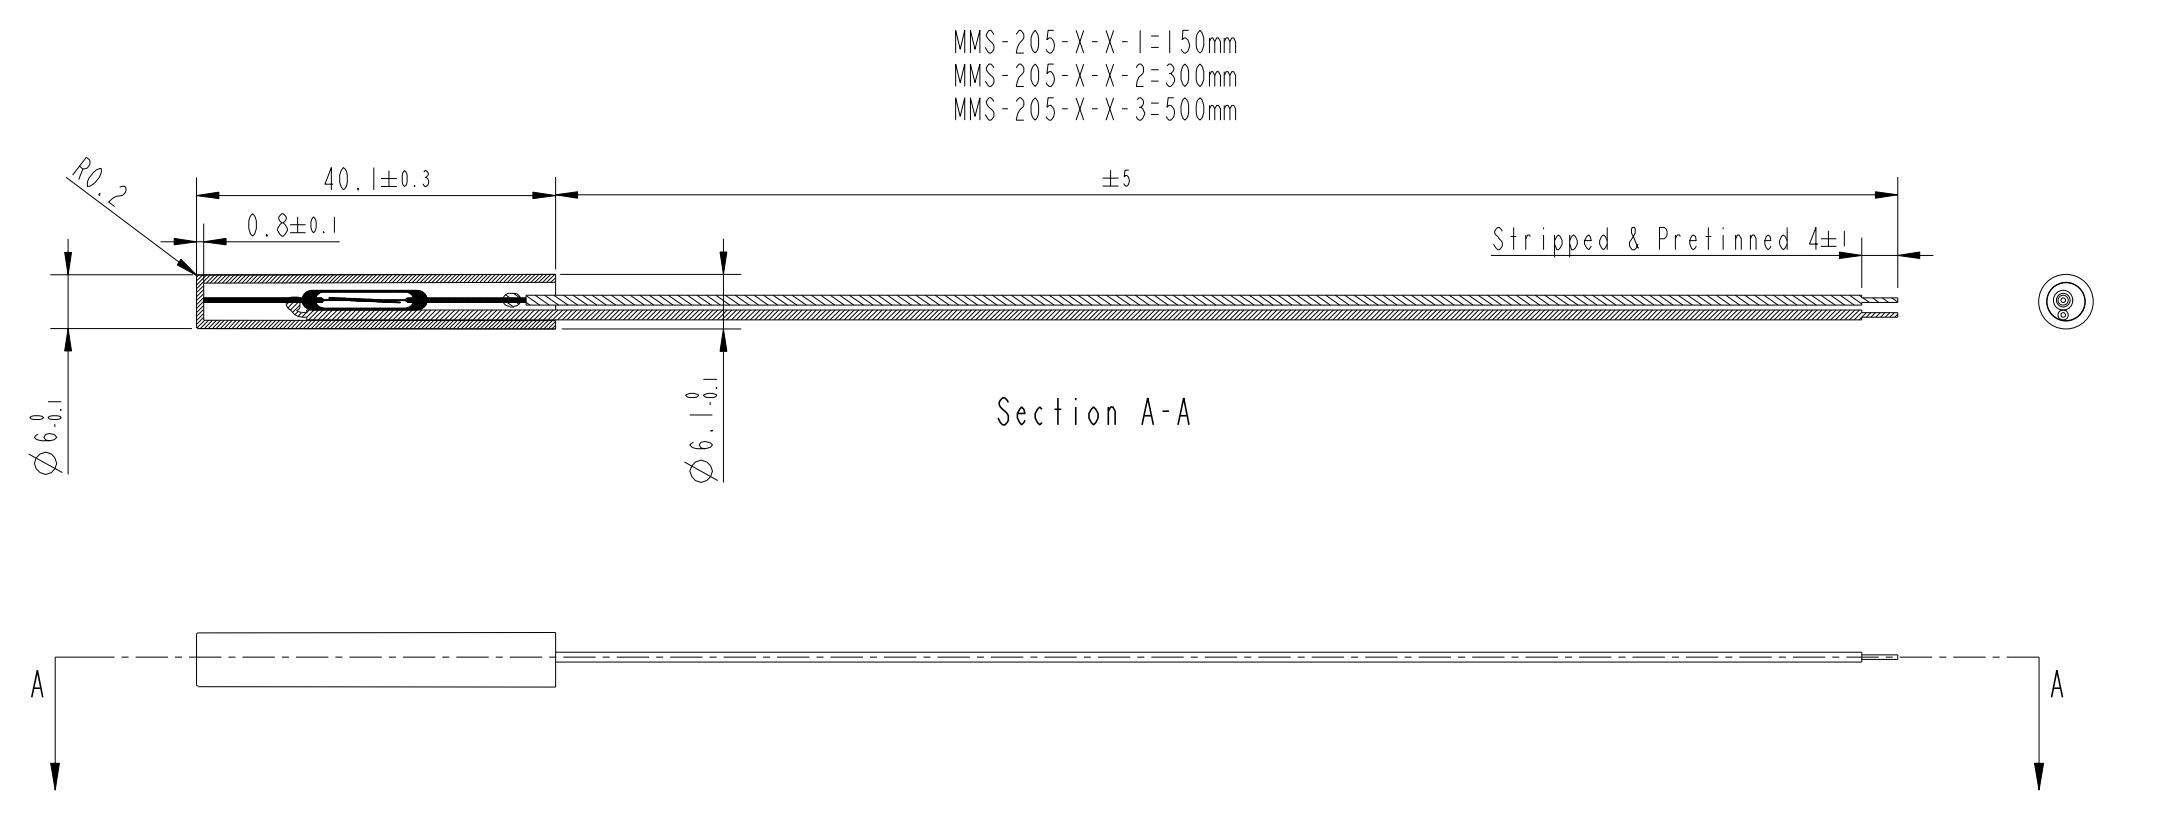 Reedsensor Tubular MMS-205